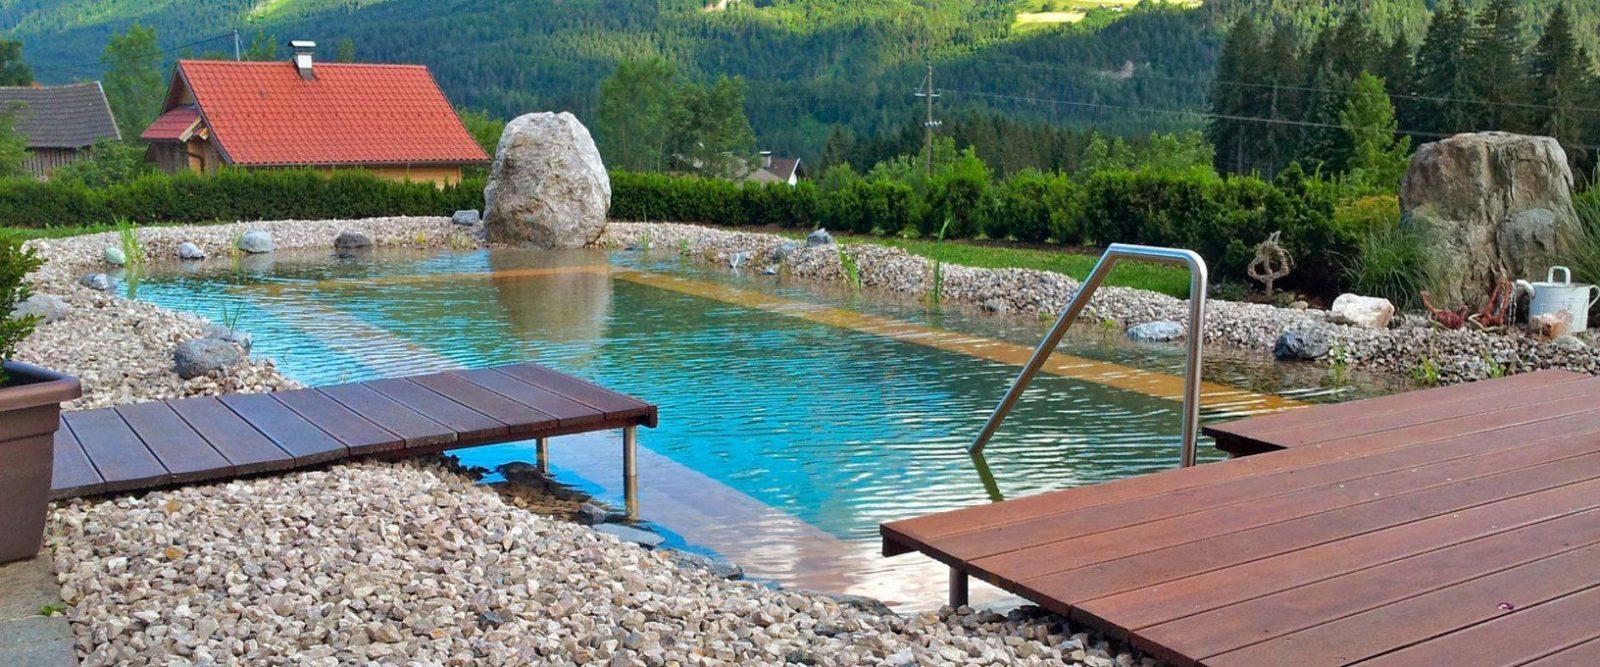 Pool Aus Holz Selber Bauen Ehrfurcht Gebietend Poolumrandung Rund von Poolabdeckung Selber Bauen Holz Bild